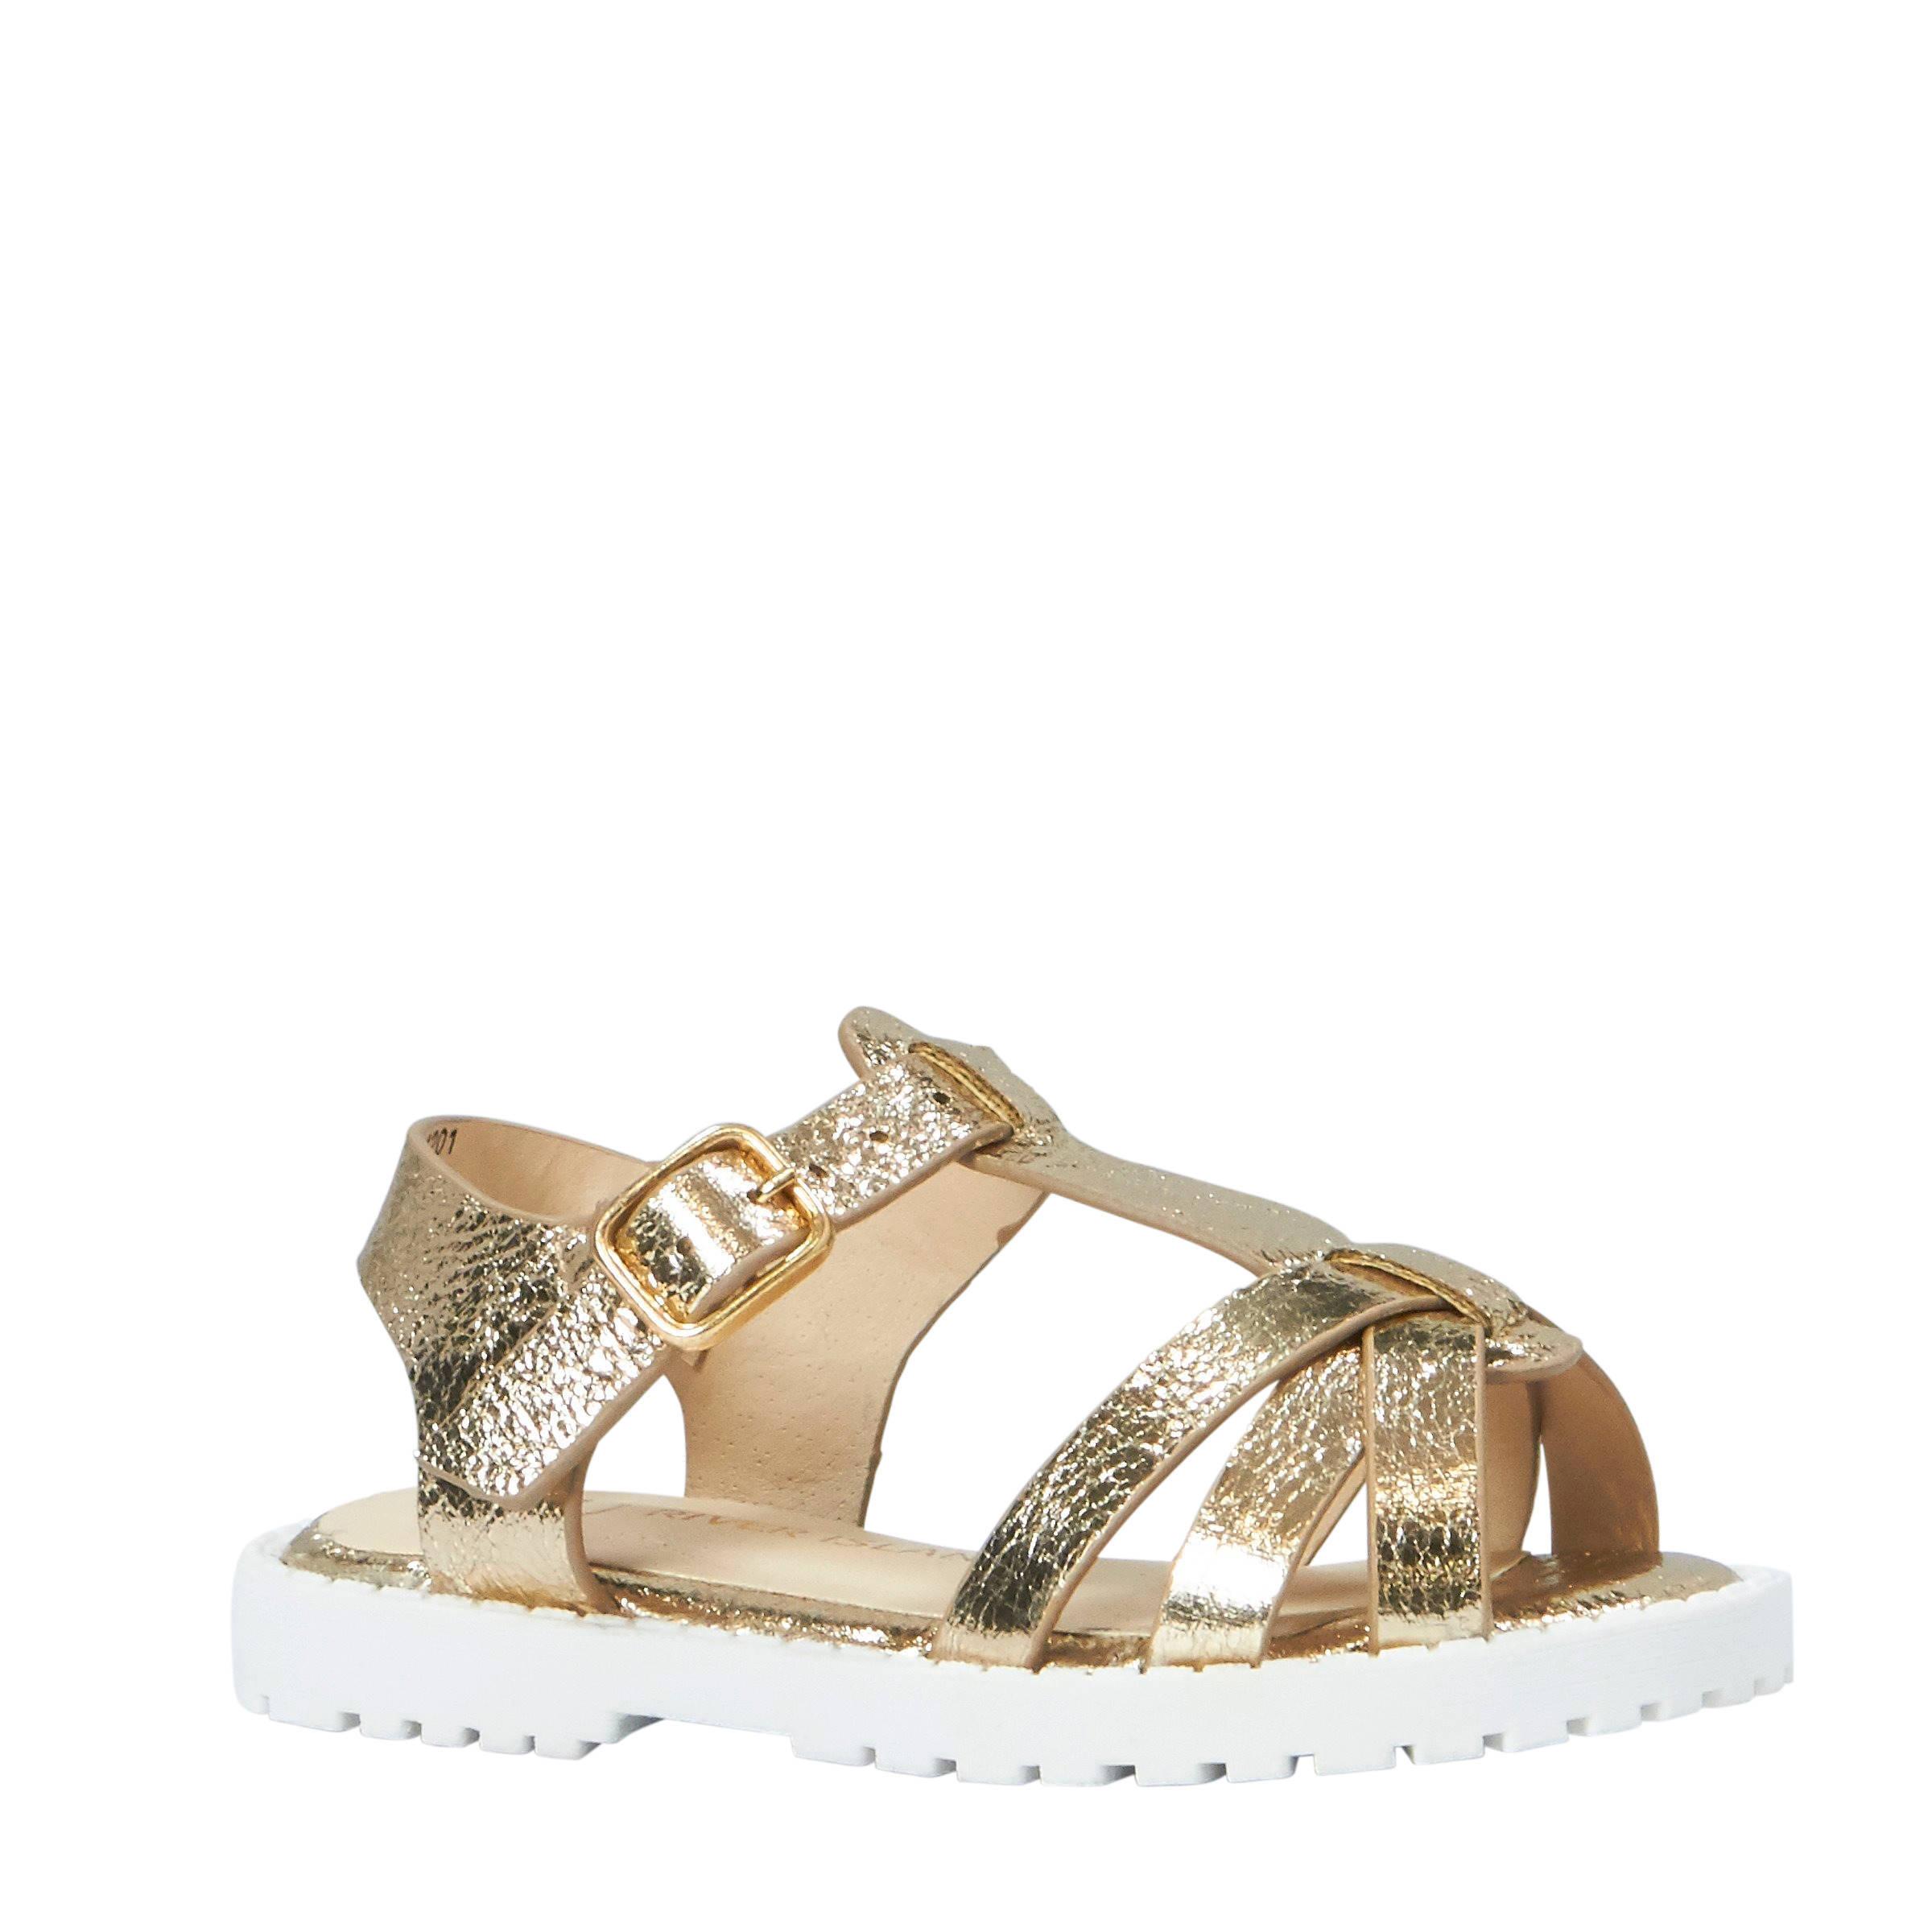 sportschoenen gezellig fris rijgen in sandalen goud